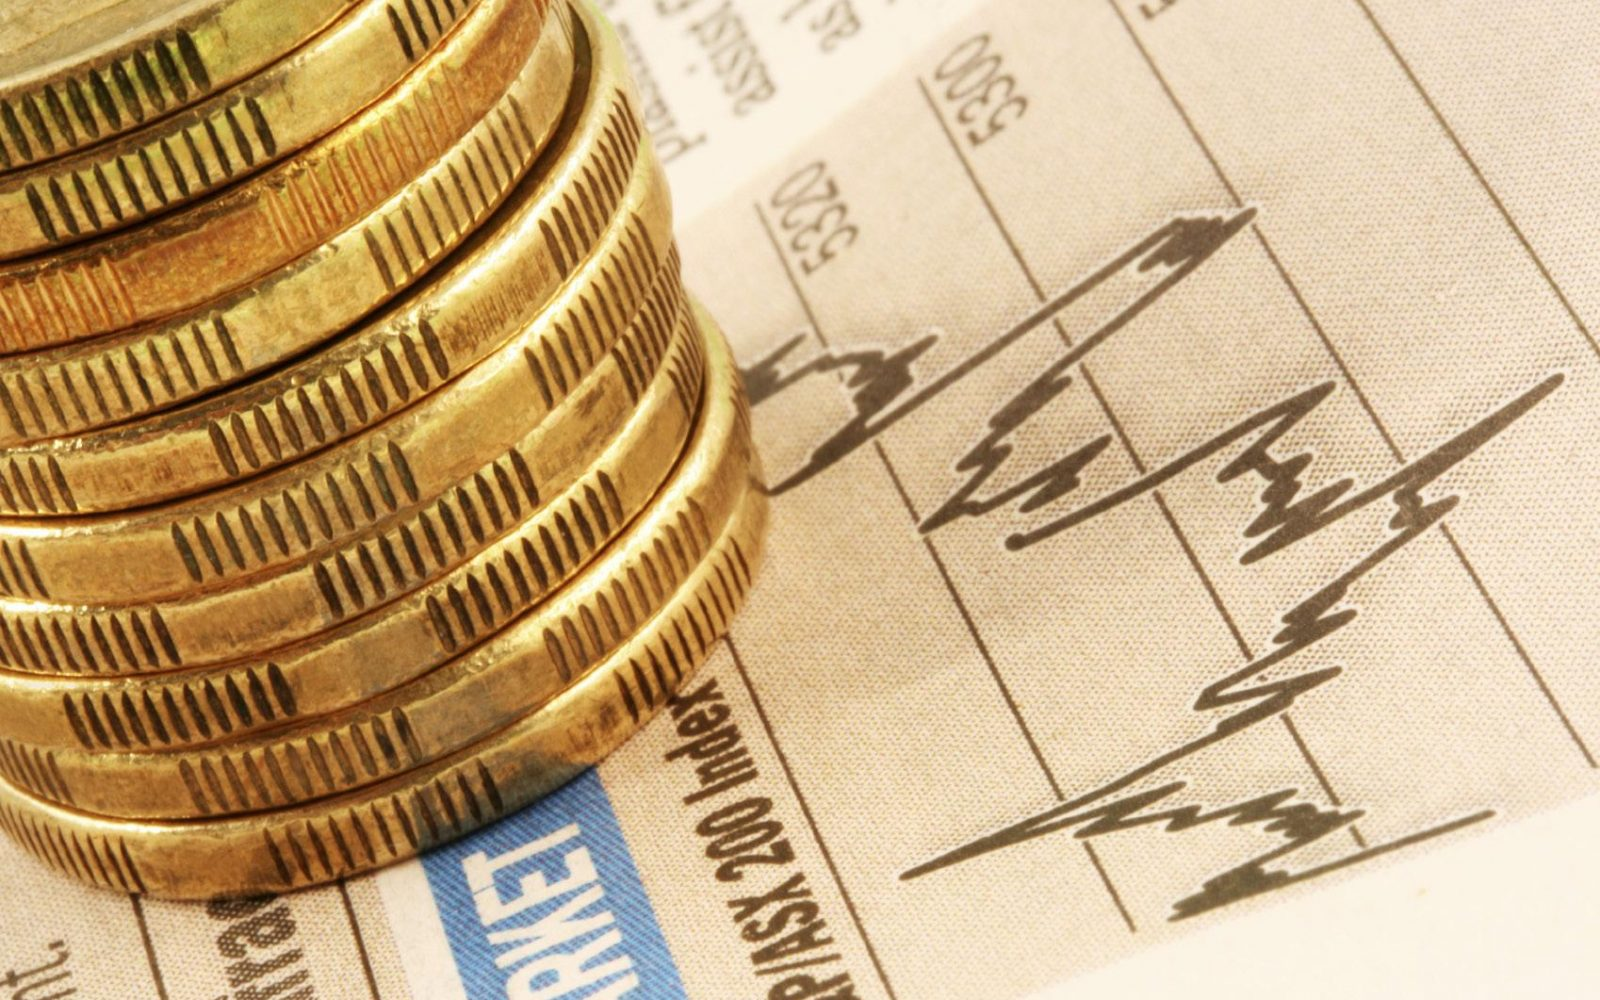 استراتيجيات إدارة الاستثمارات المالية - تابع المحاسبة على الأصول المتداولة